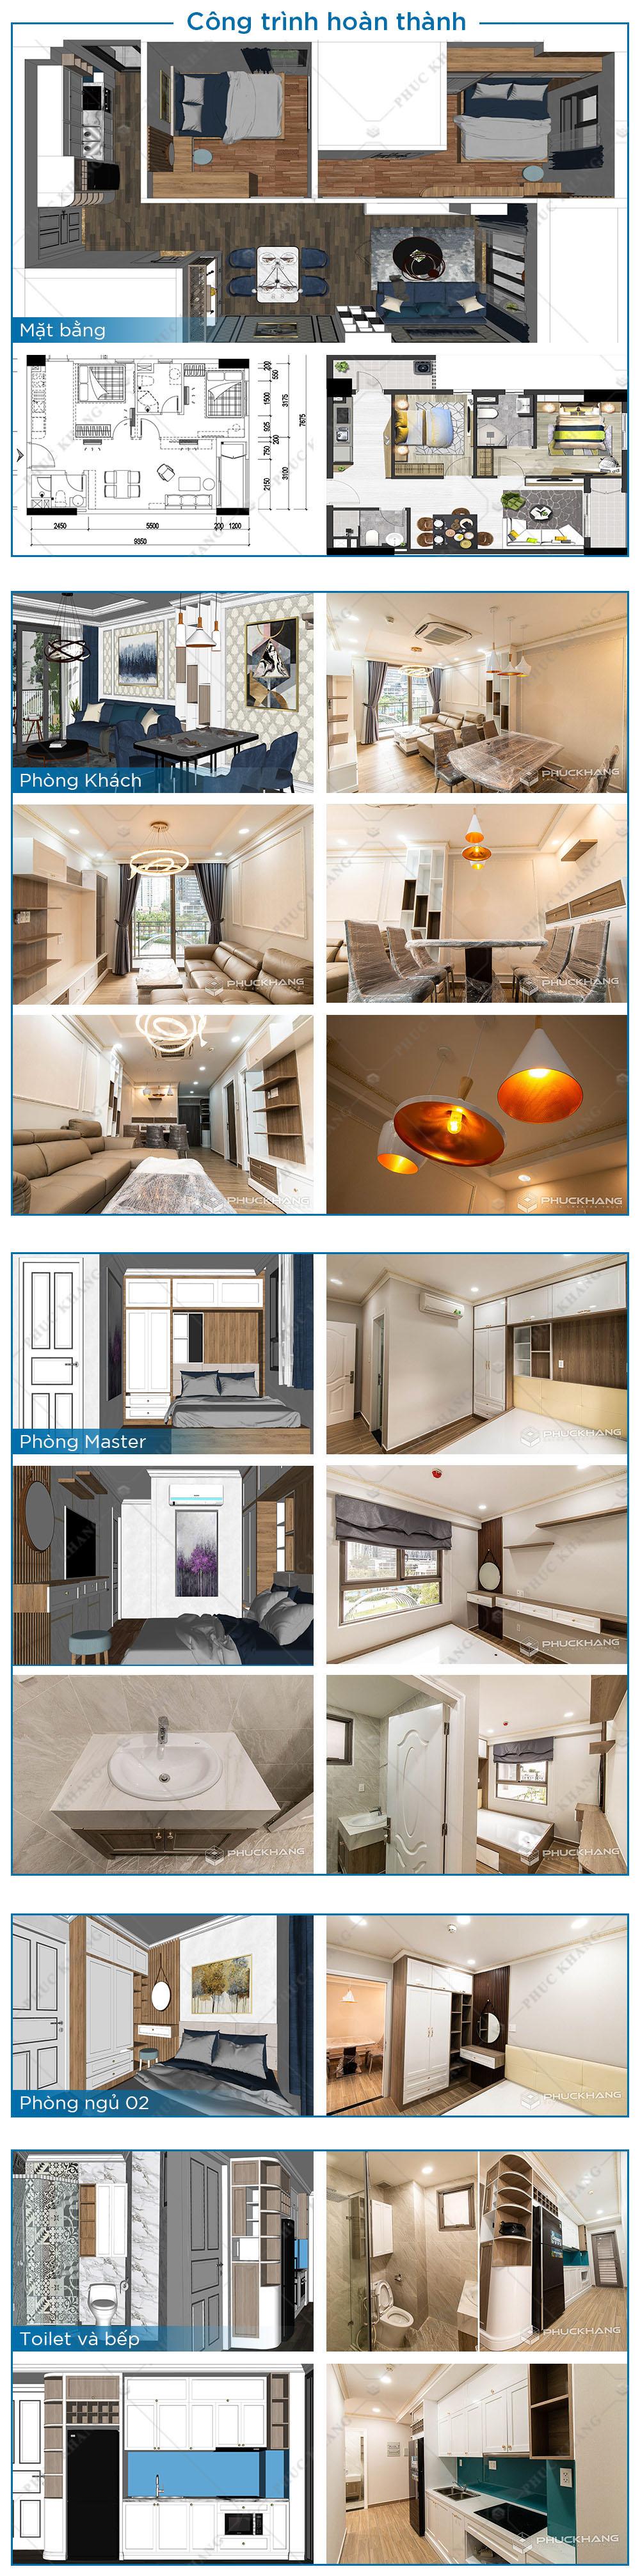 sửa nhà trọn gói chung cư hoàn thiện